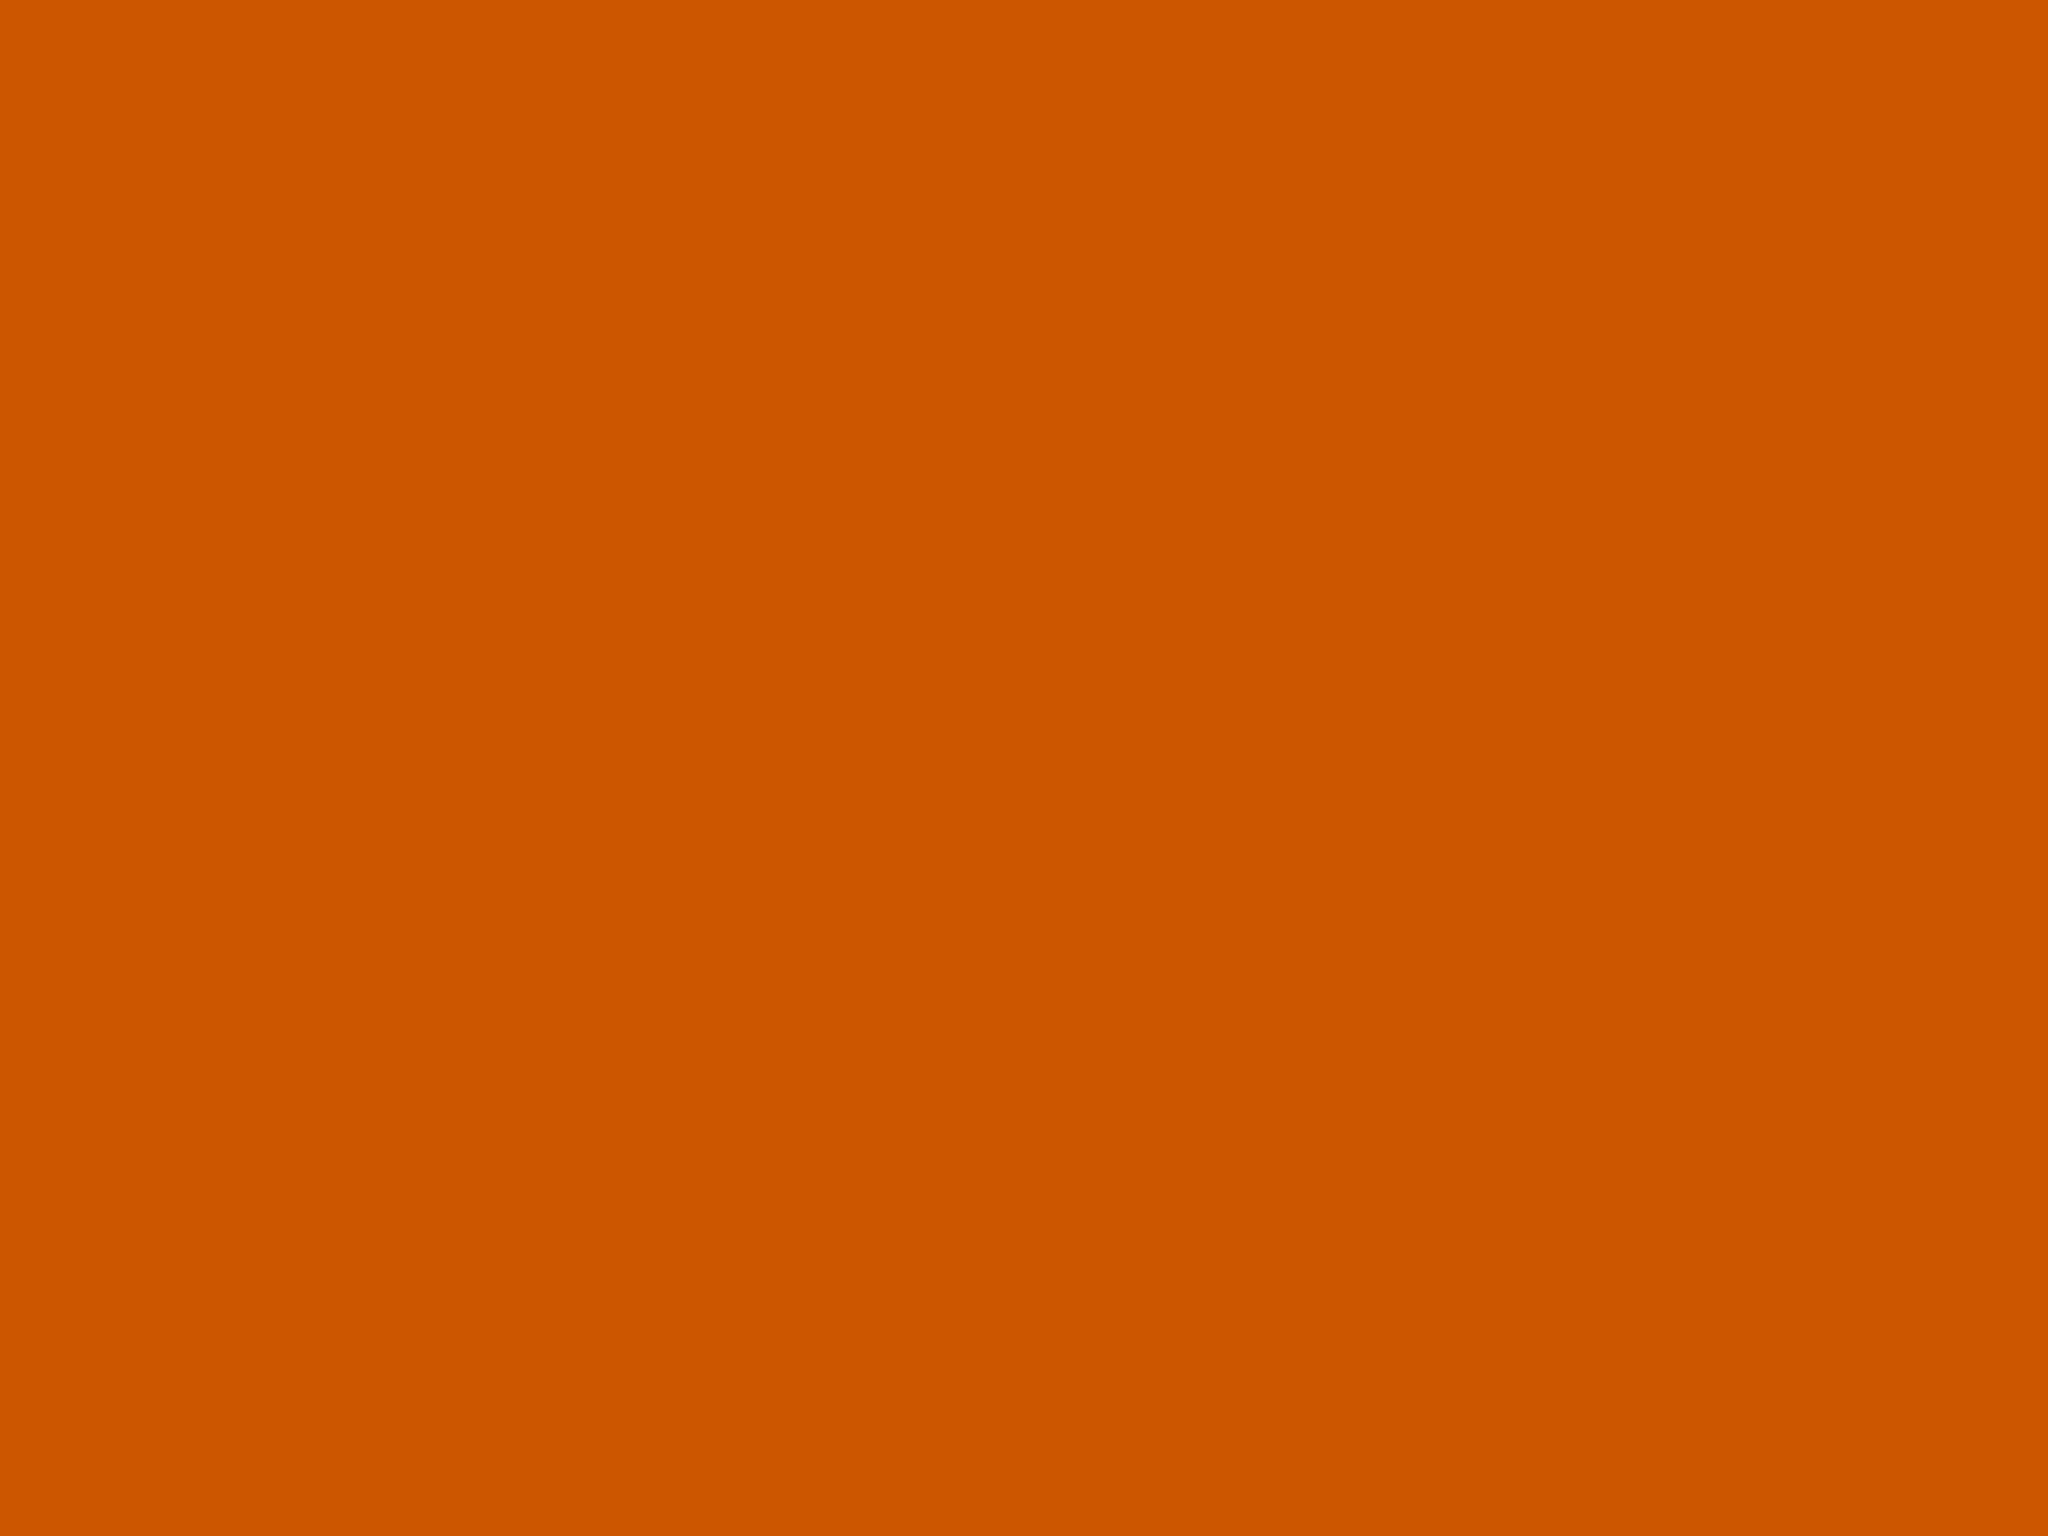 2048x1536 Burnt Orange Solid Color Background